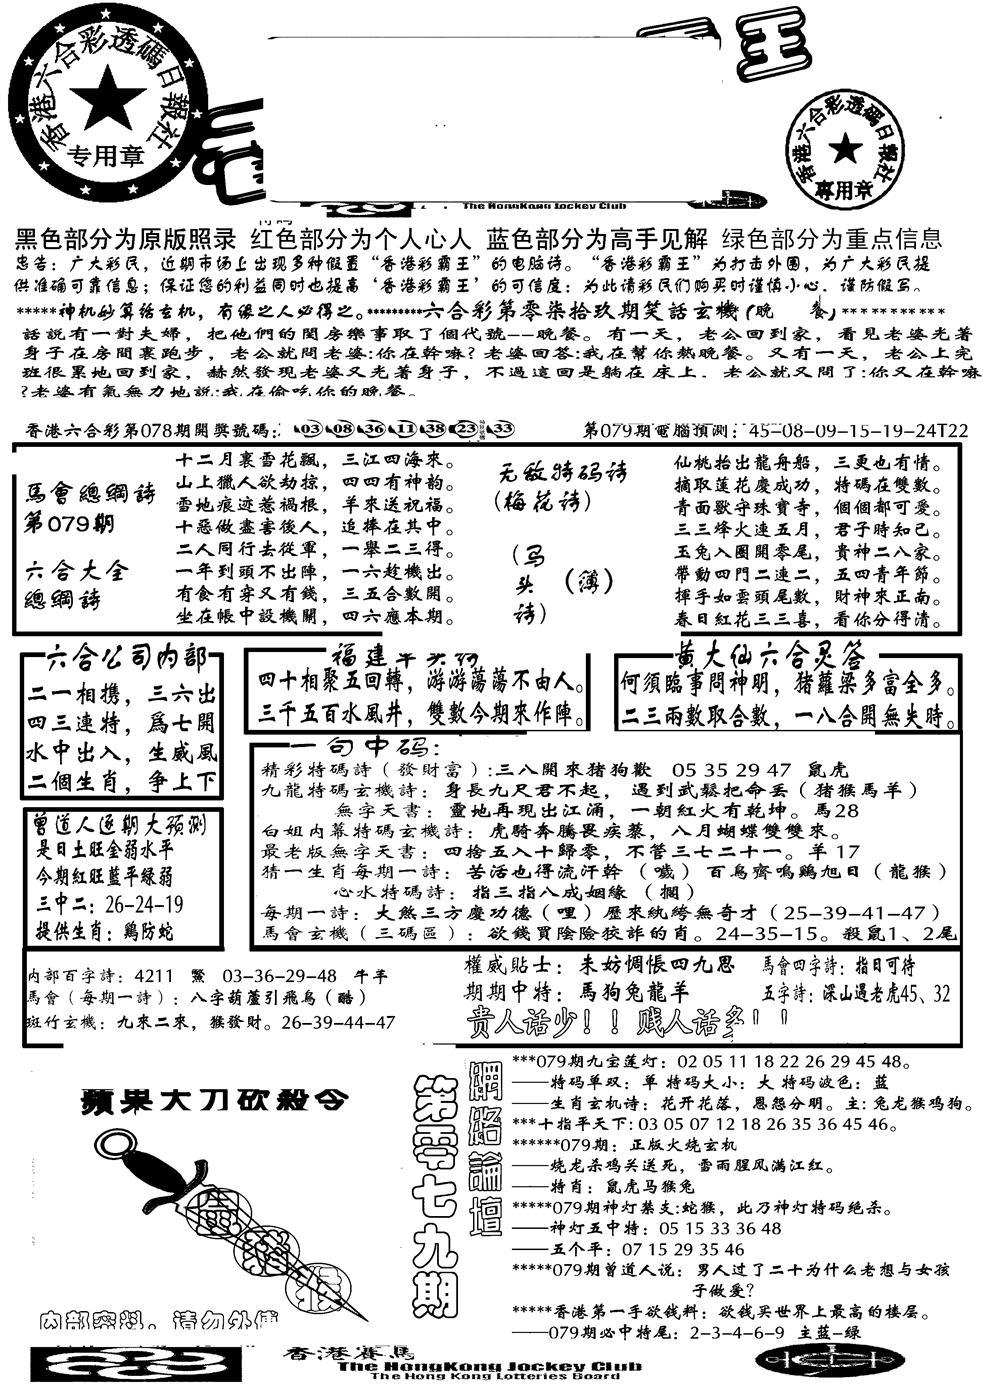 079期大刀彩霸王A(黑白)